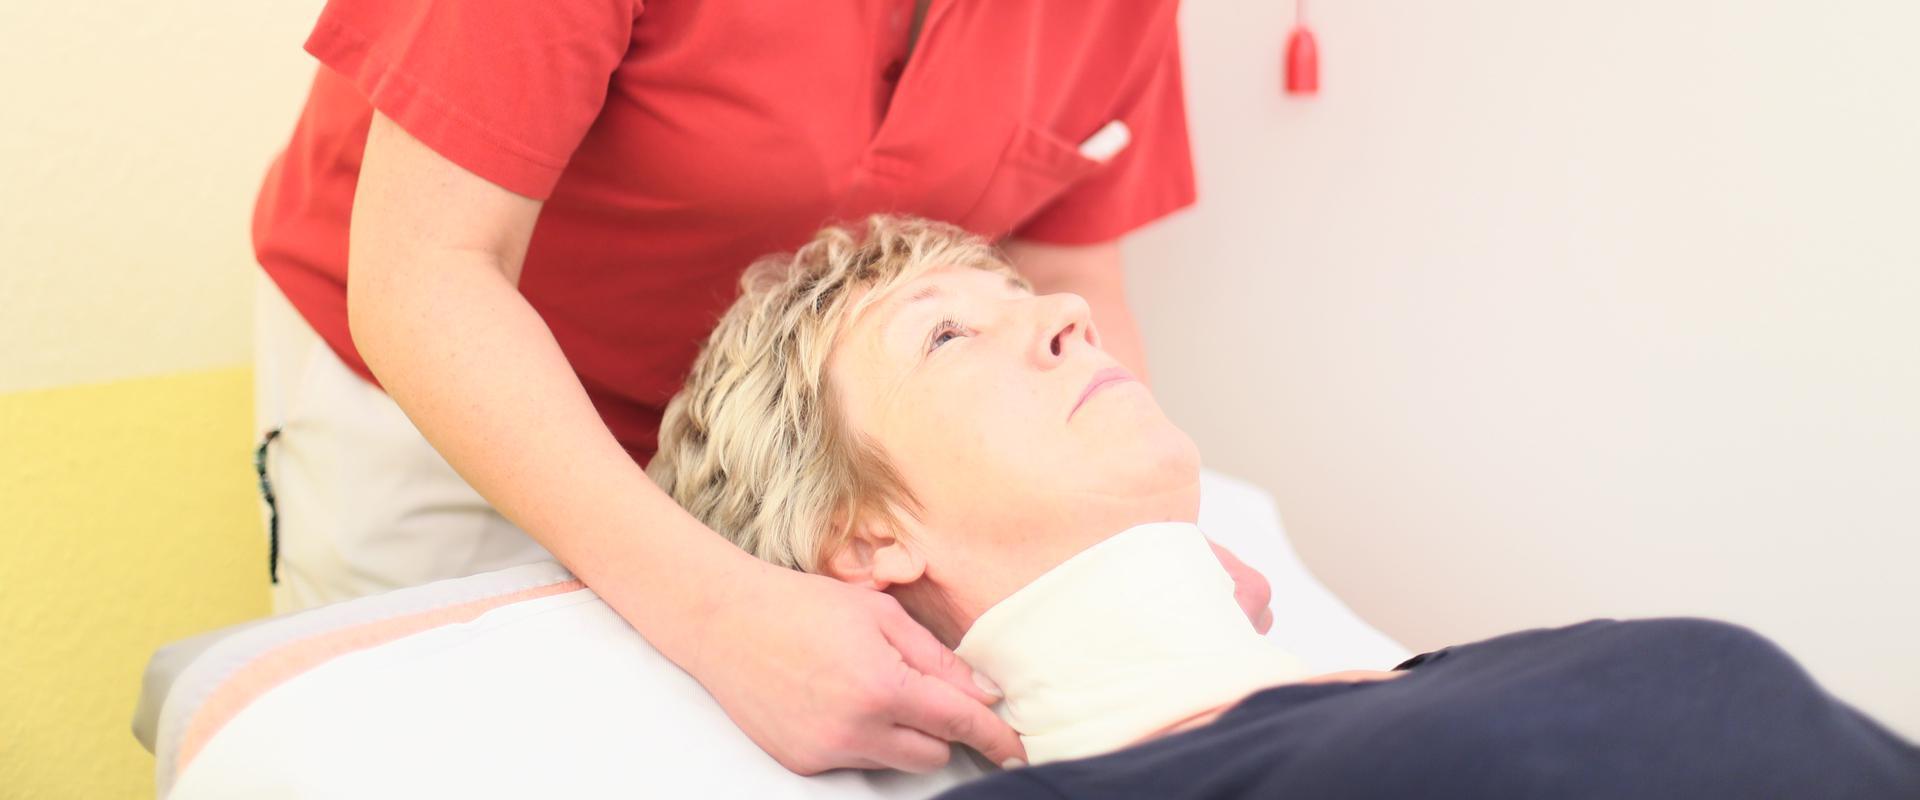 Patientin wird behandelt in der MEDIAN Klinik Kalbe